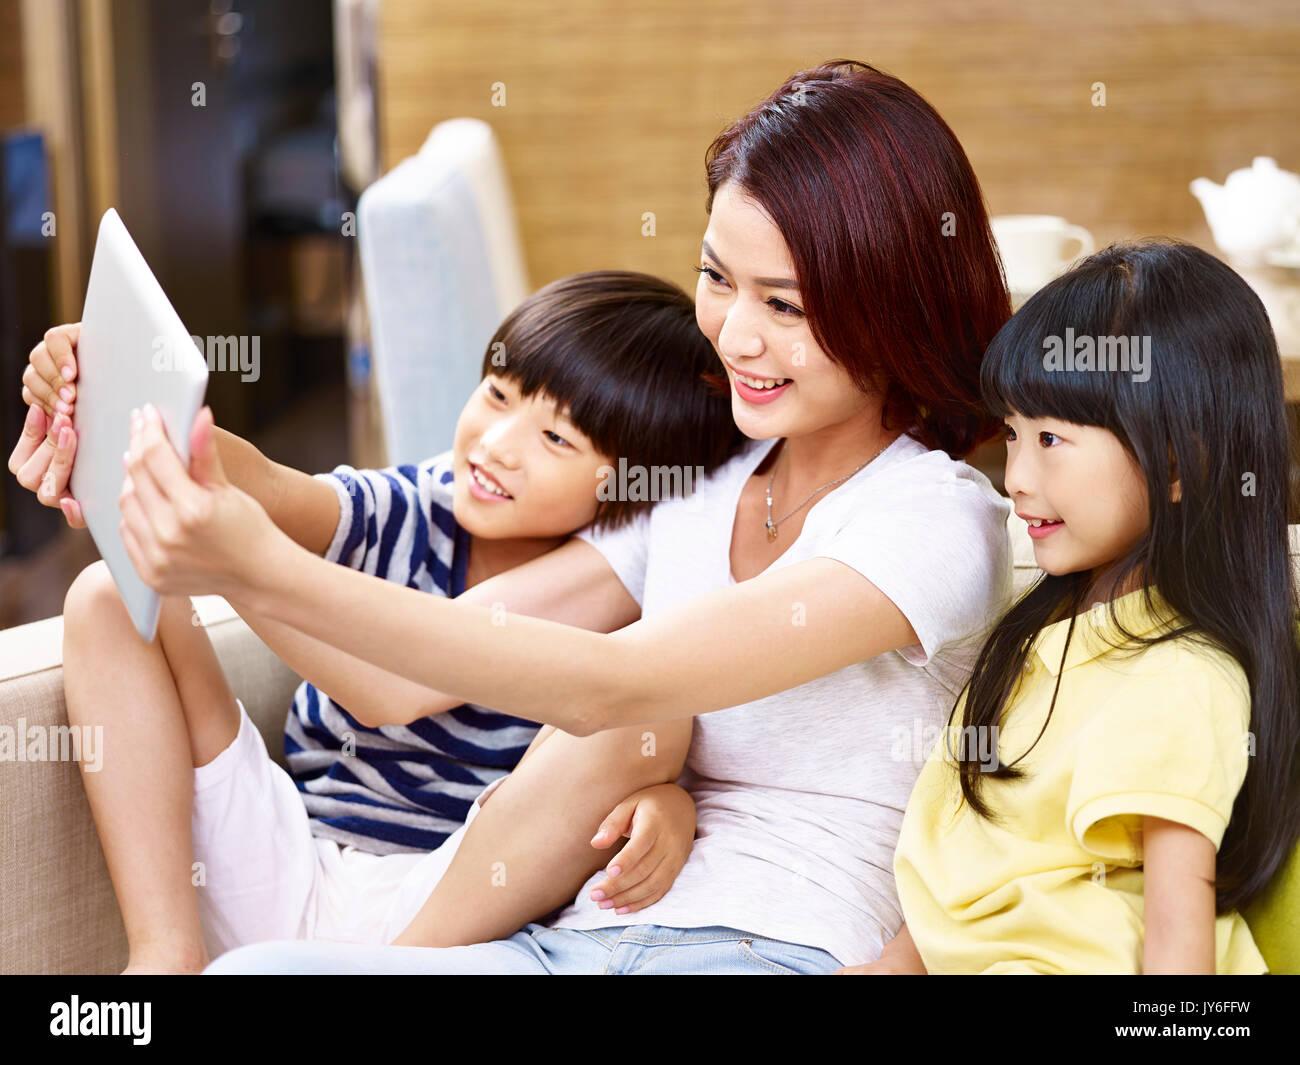 Giovani asiatici madre e bambini seduti sul divano tenendo un selfie con tavoletta digitale, felice e sorridente. Immagini Stock